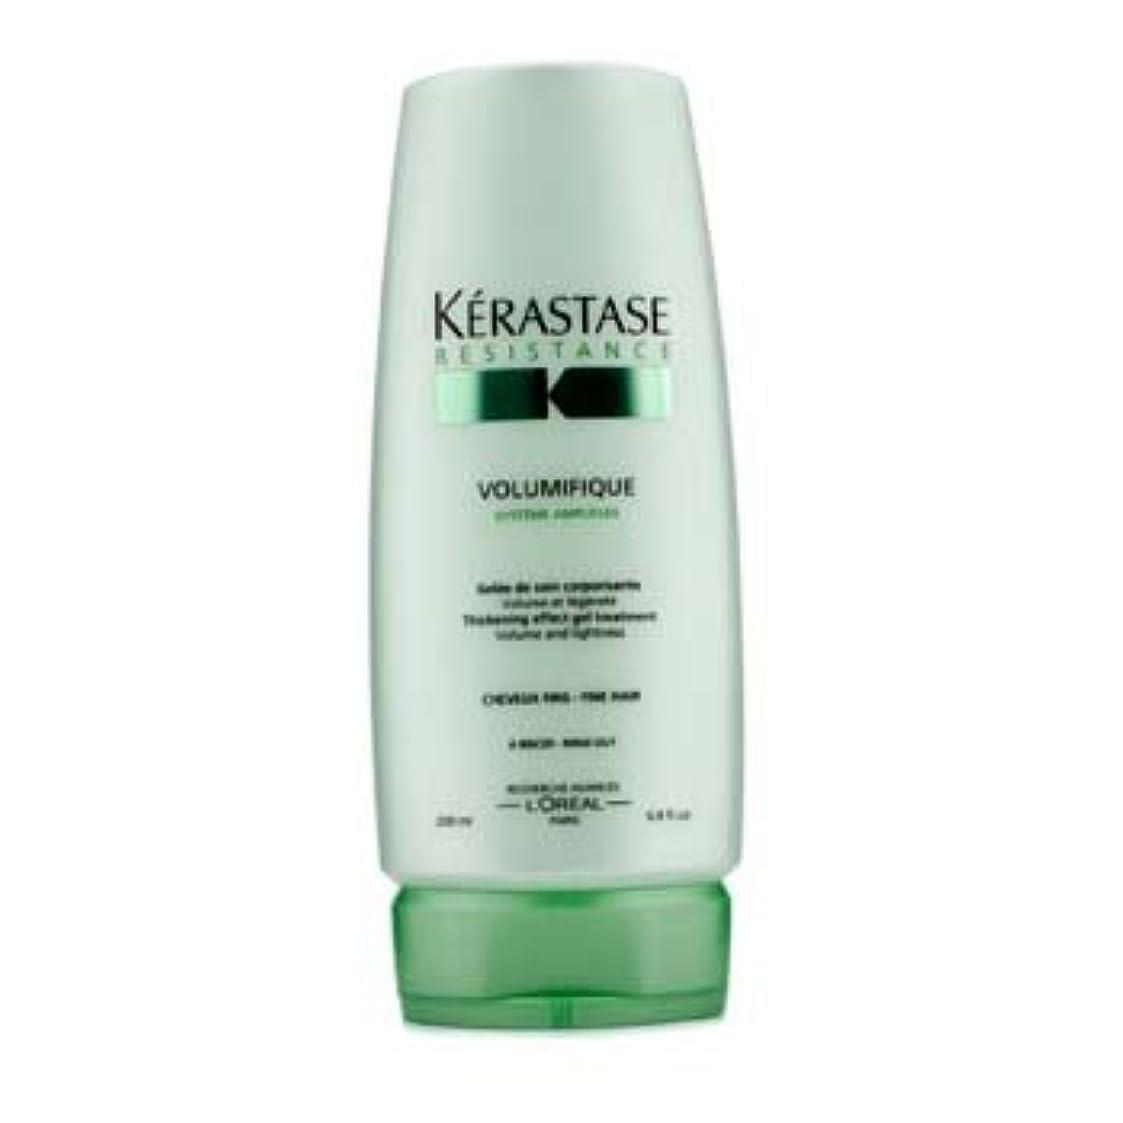 カスタム理容師契約するケラスターゼ Resistance Volumifique Thickening Effect Gel Treatment (For Fine Hair) 200ml/6.8oz並行輸入品